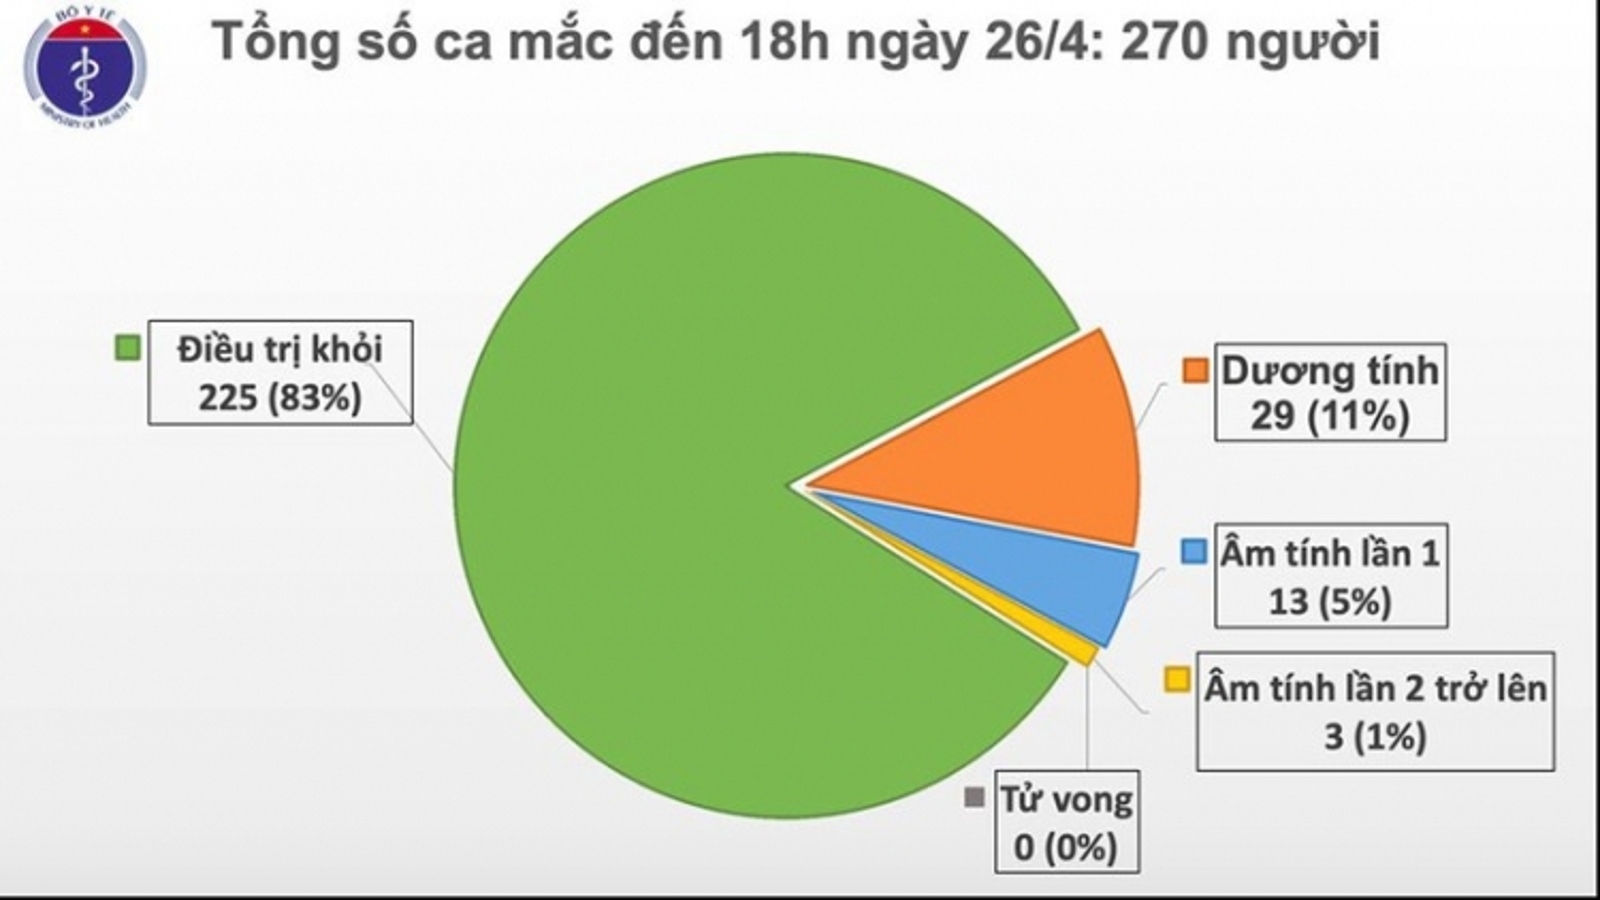 Chiều 26/4, Việt Nam không ghi nhận ca mắc mới Covid-19